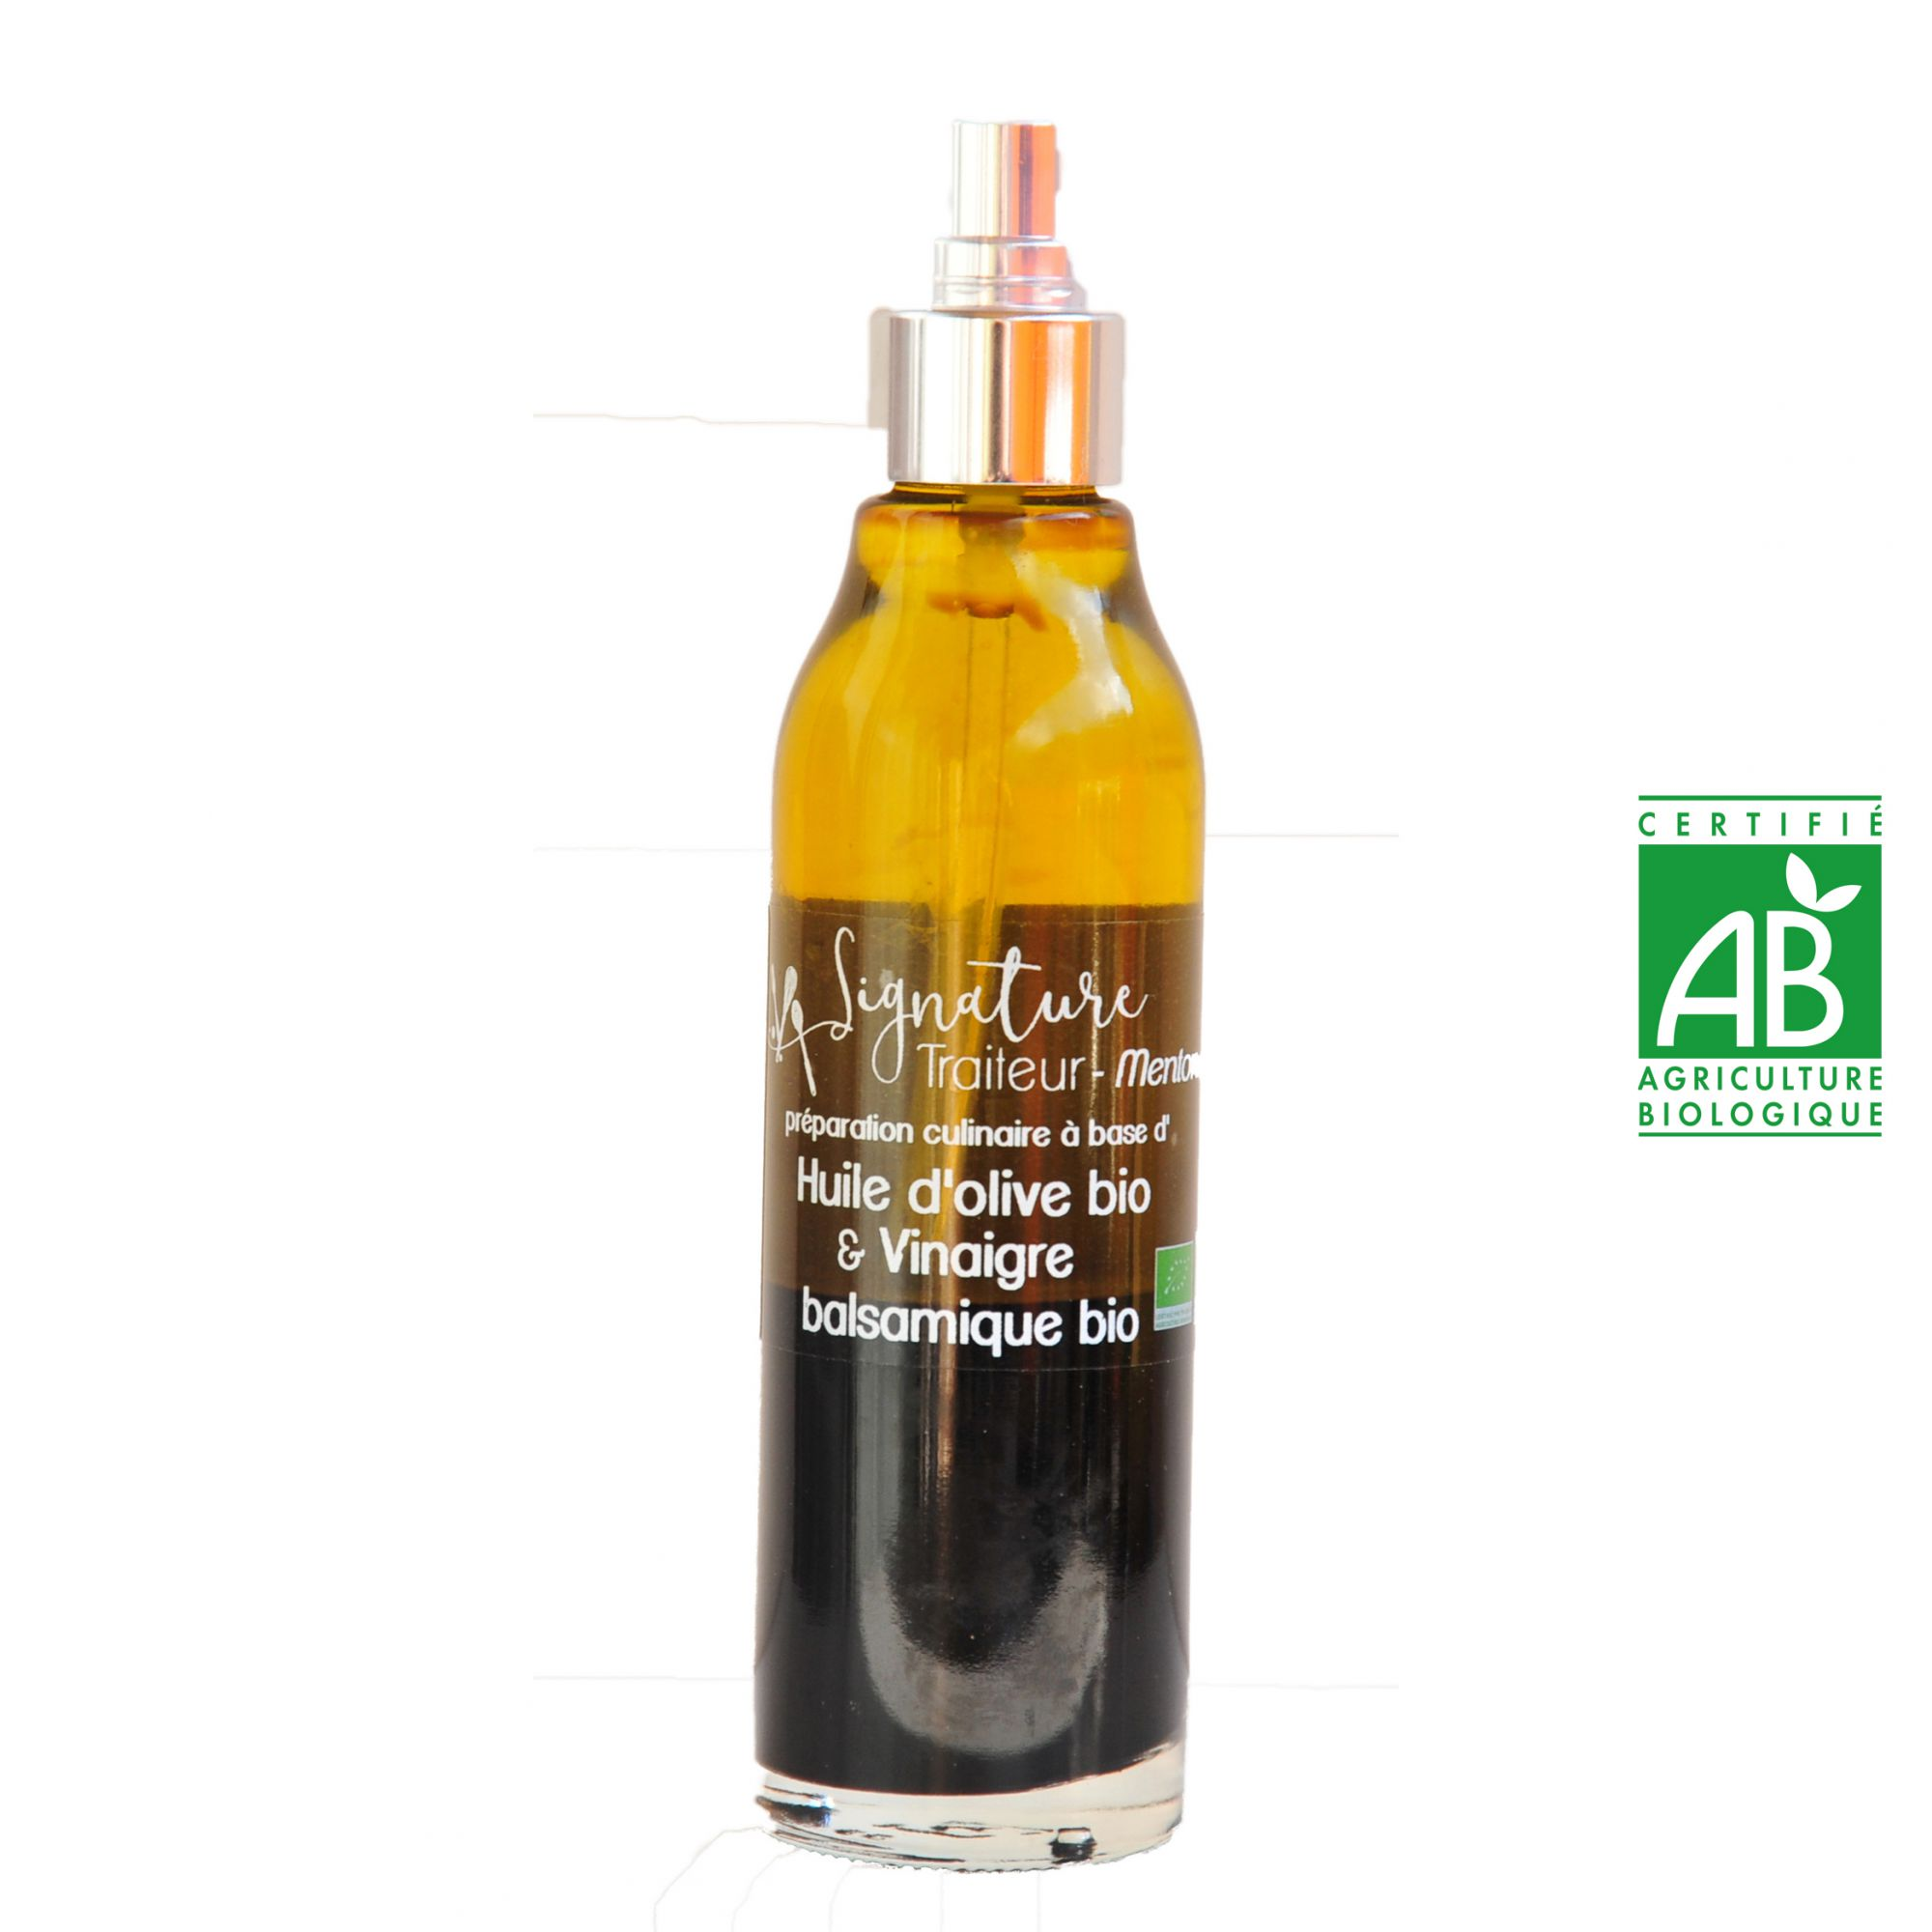 Huile d'olive bio et Vinaigre balsamique BIO